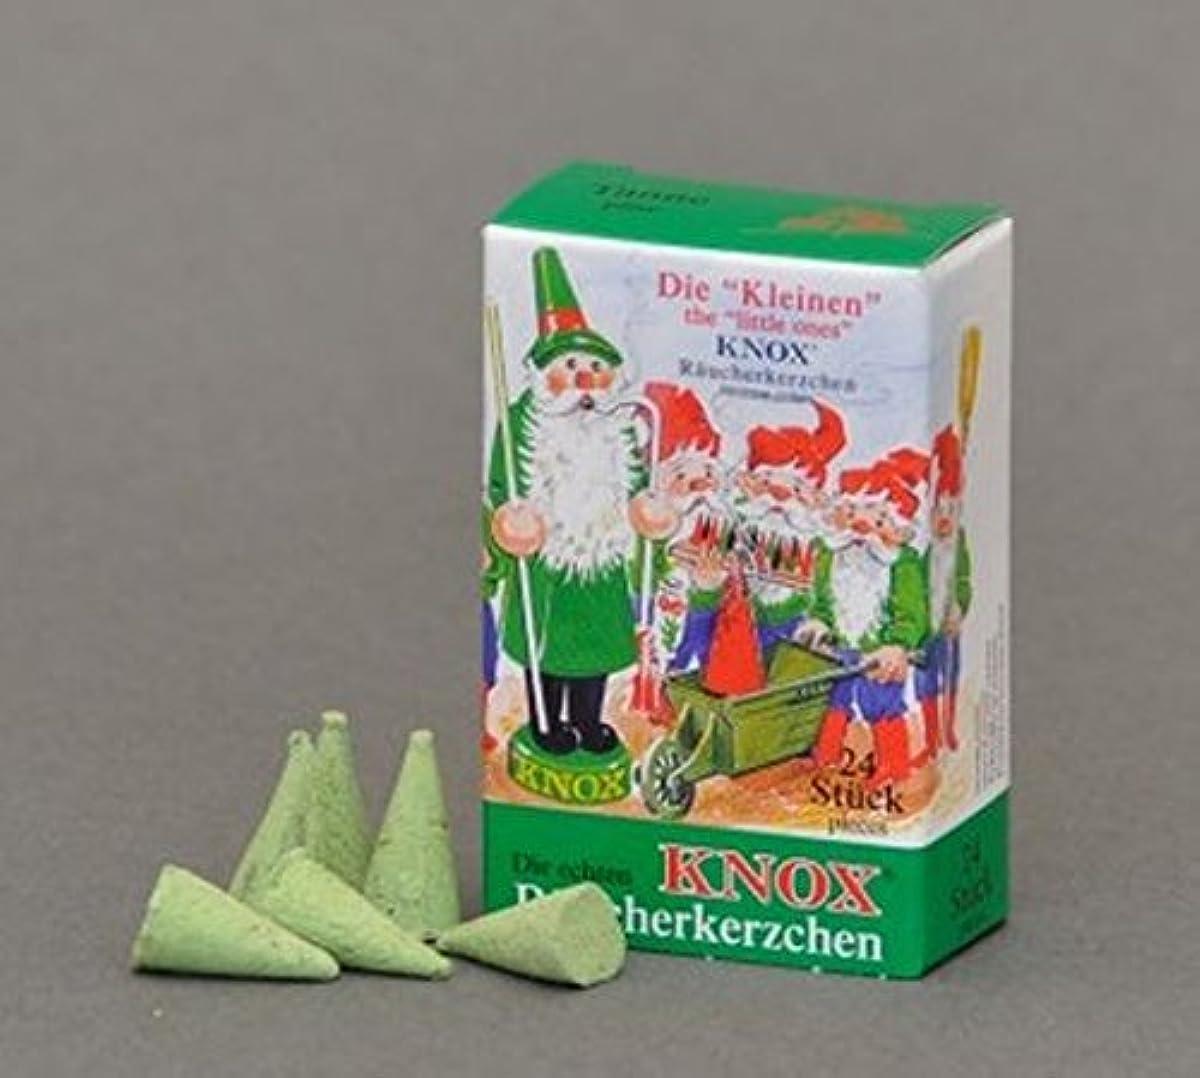 羽お酒雑多なKnox(ノックス) ミニ松の香り ドイツのお香コーン ドイツ製 クリスマスのスモーカー